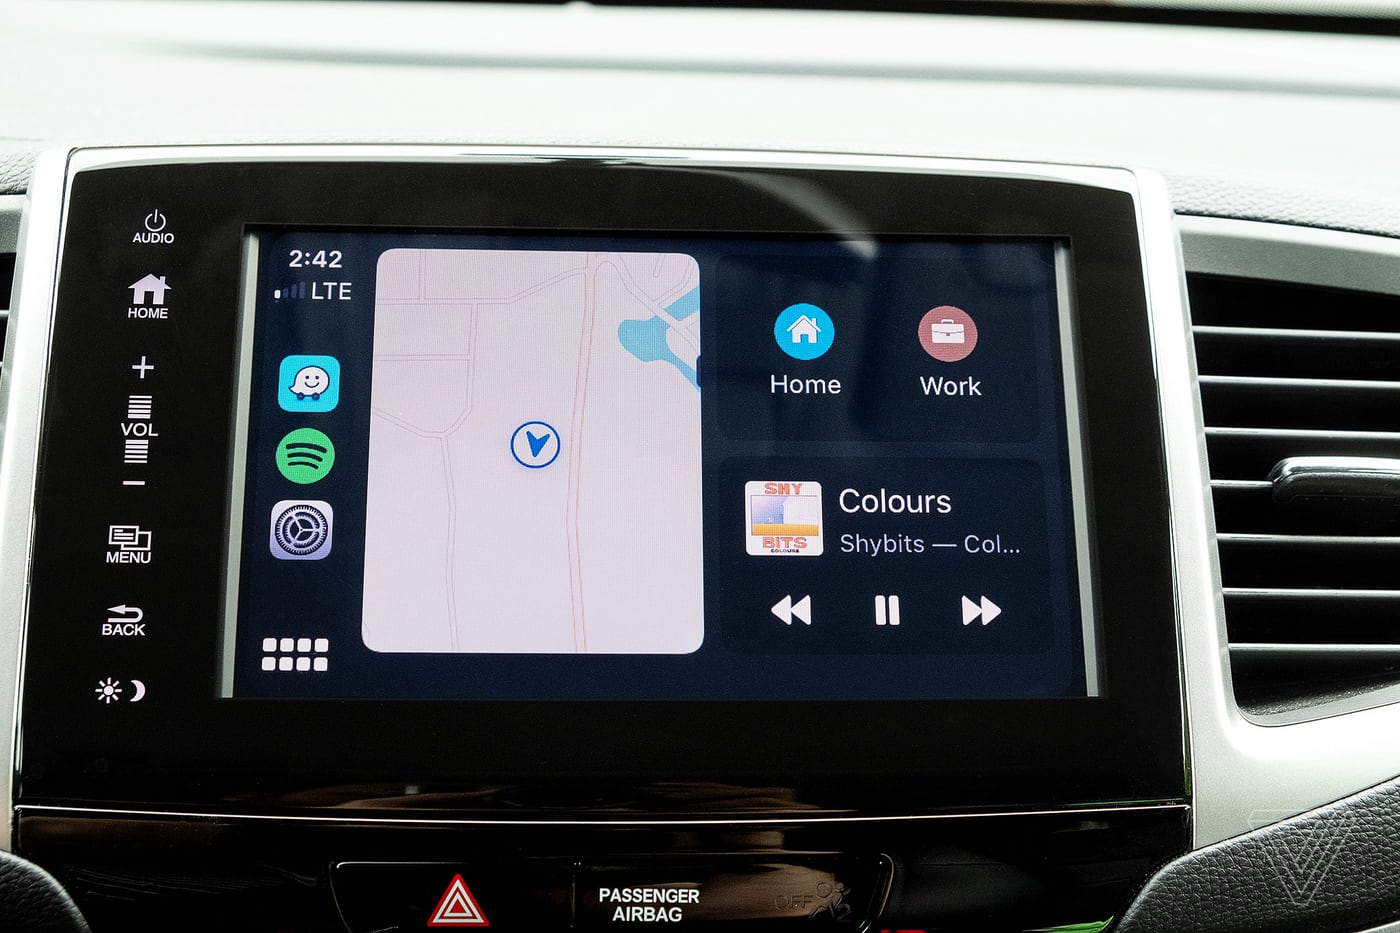 iPhone, Apple Watch sắp được trang bị tính năng mở khoá xe ô tô